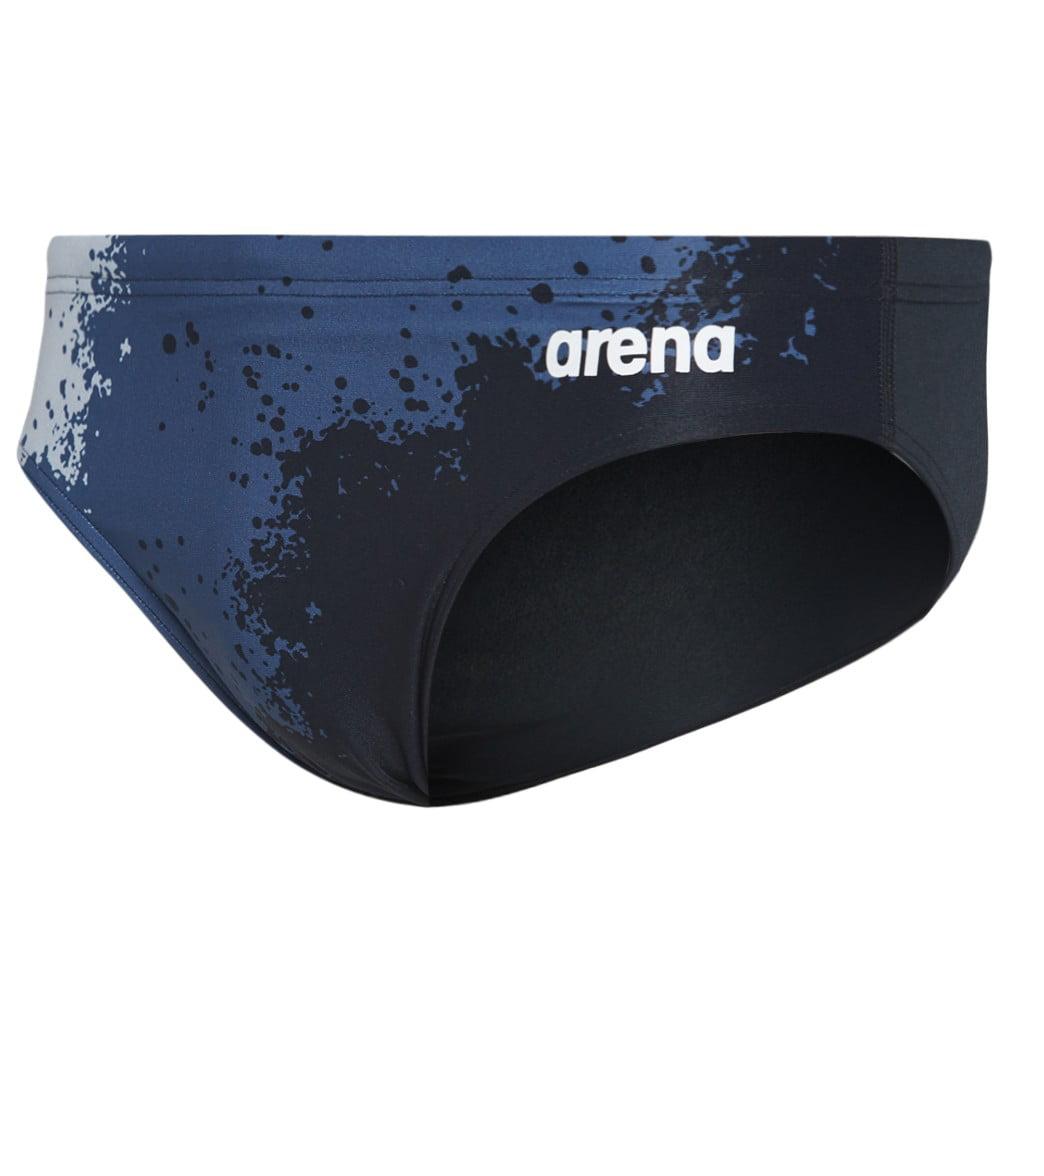 Arena Painted Brief MaxLife